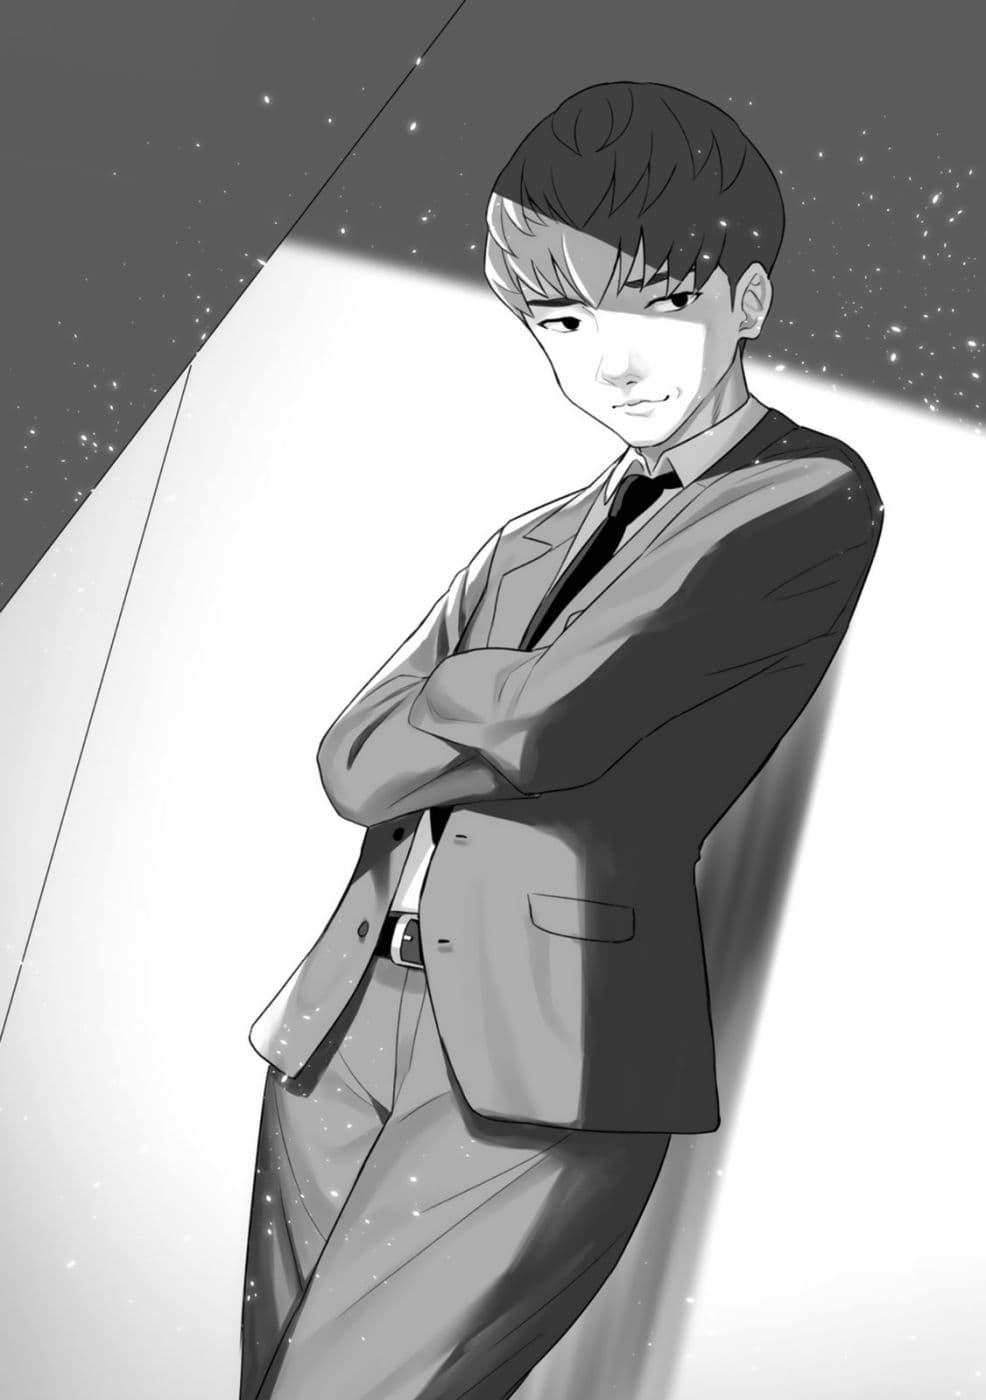 อ่านการ์ตูน Nishino Gakunai Caste Saikai Ni Shite Ino Sekai Saikyo No Shonen ตอนที่ 6 หน้าที่ 25